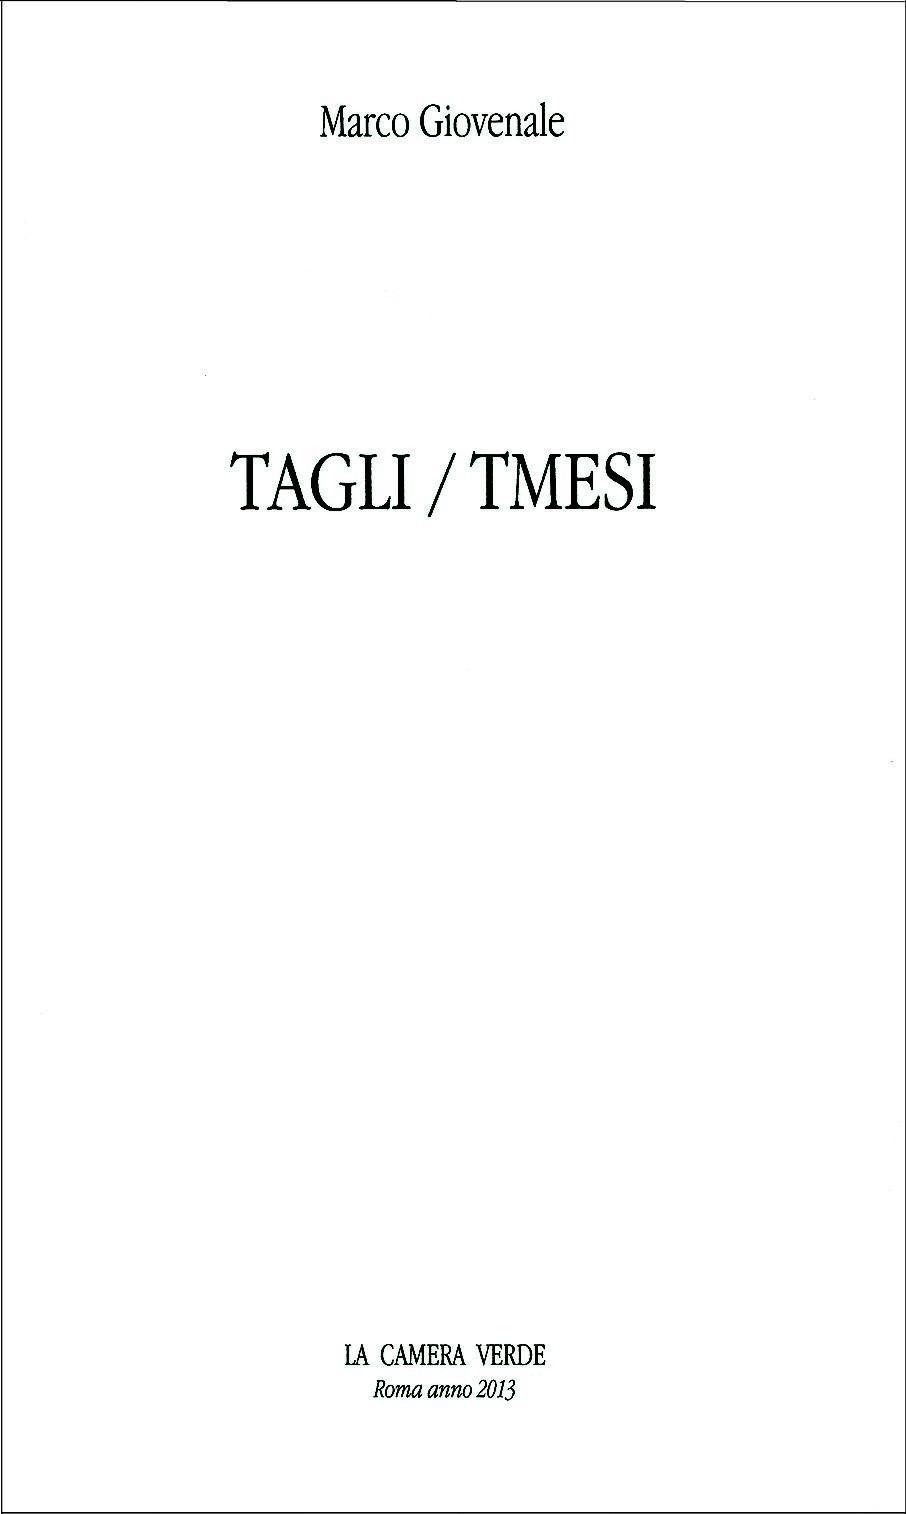 TAGLI / TMESI